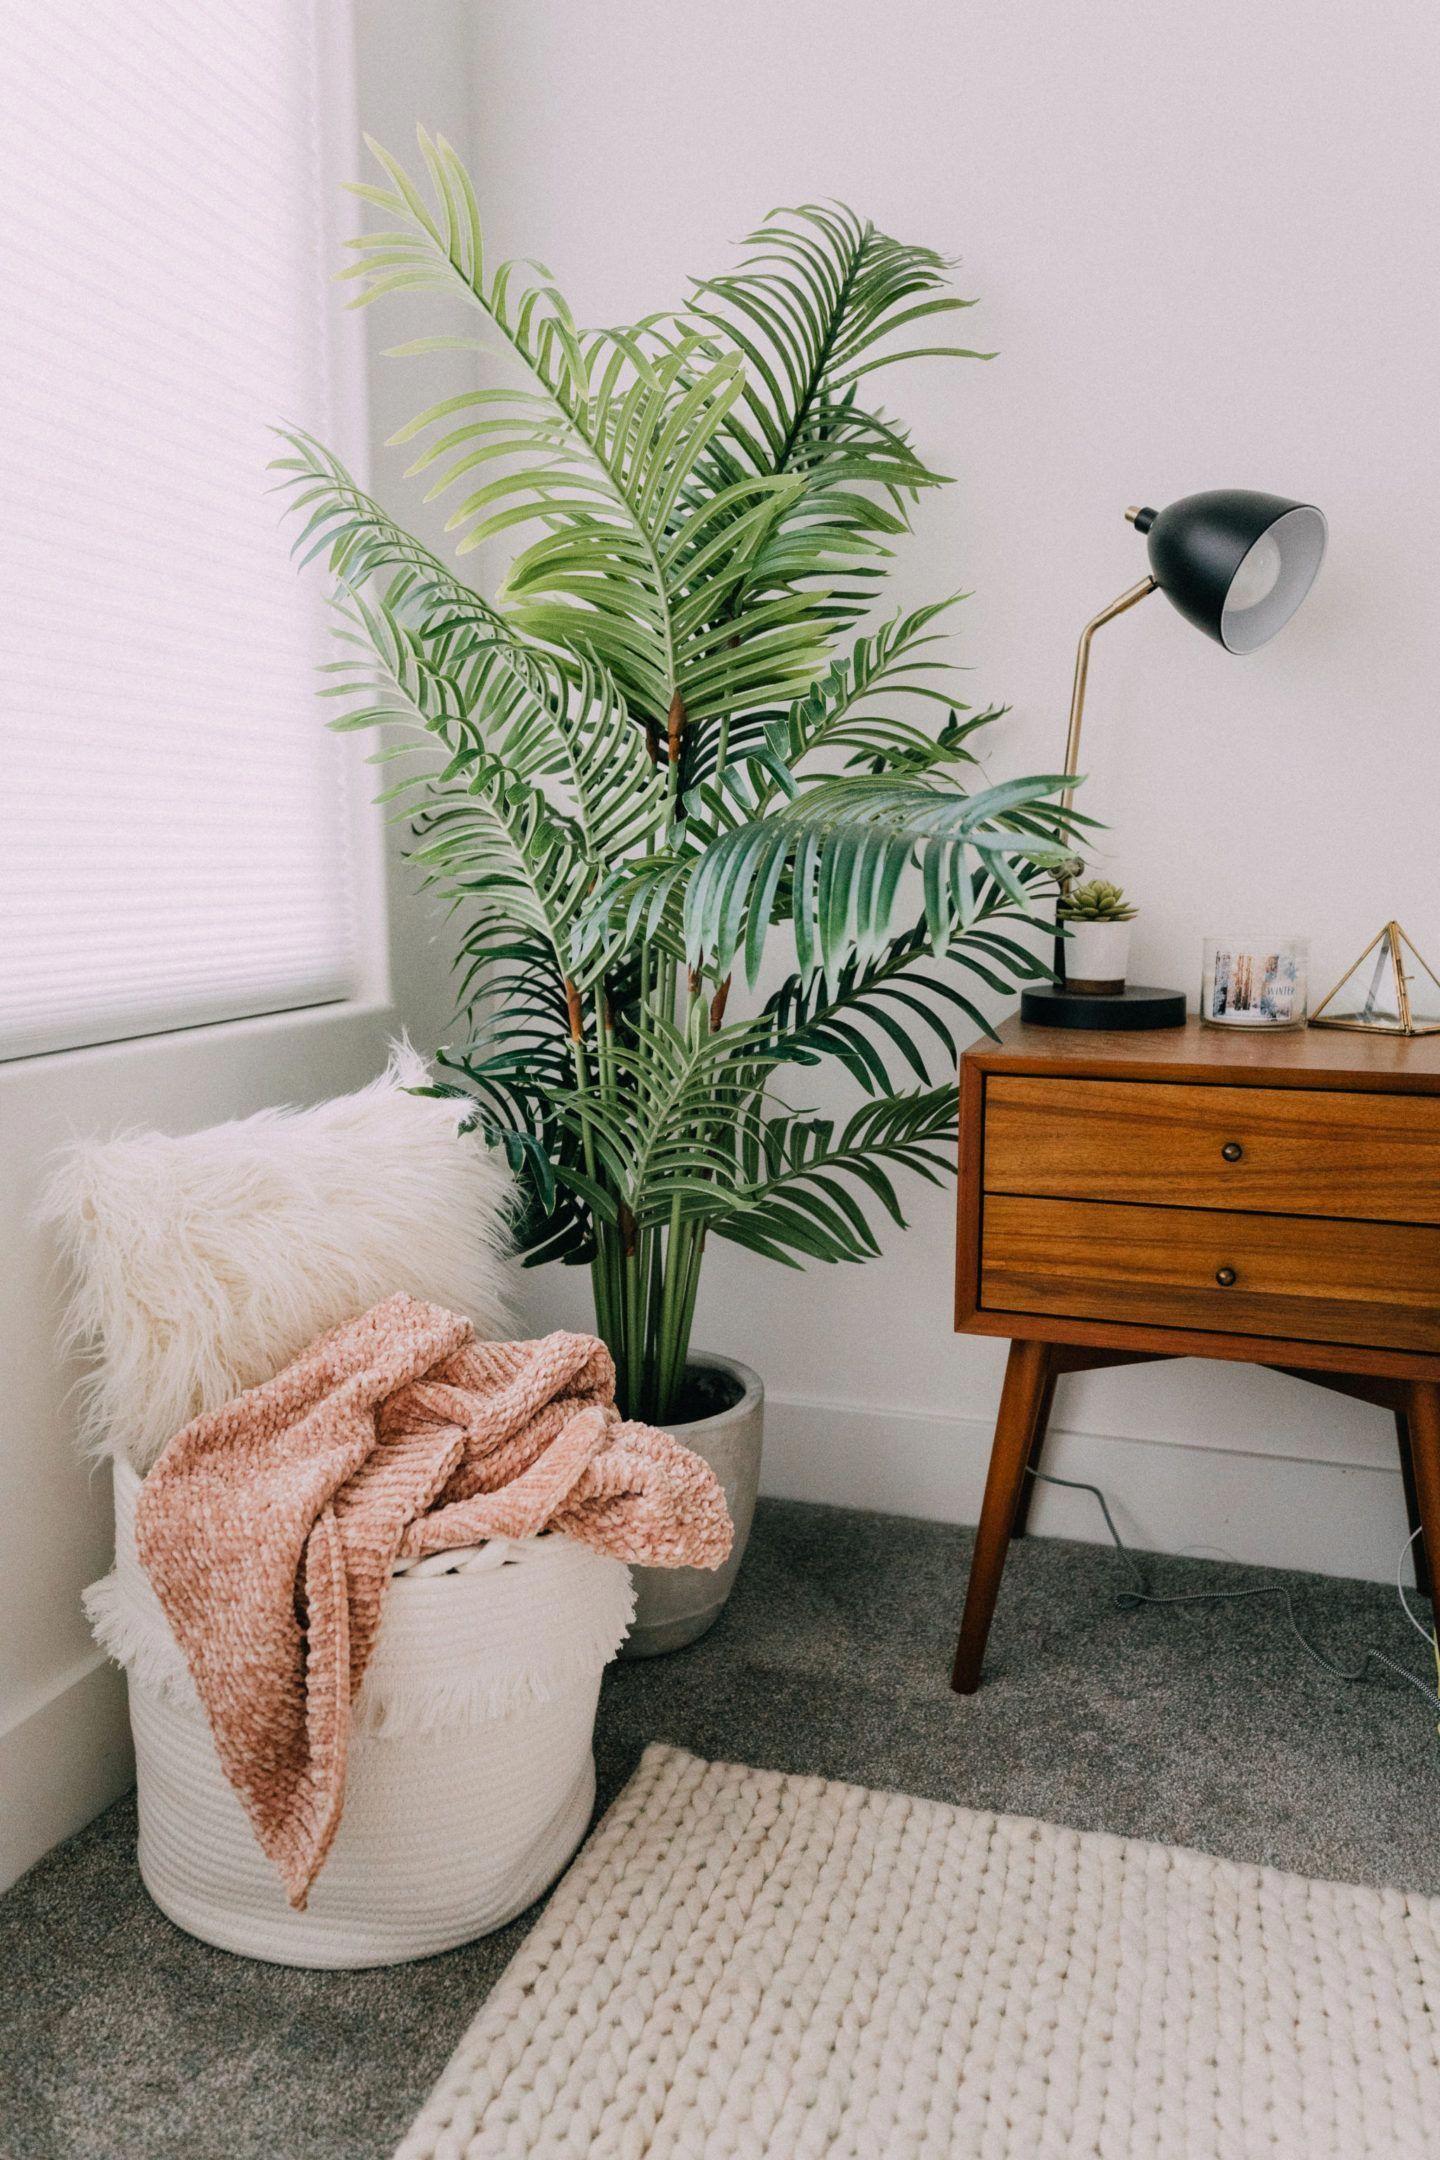 House Tour 2018 Small Living Room Design Home Decor